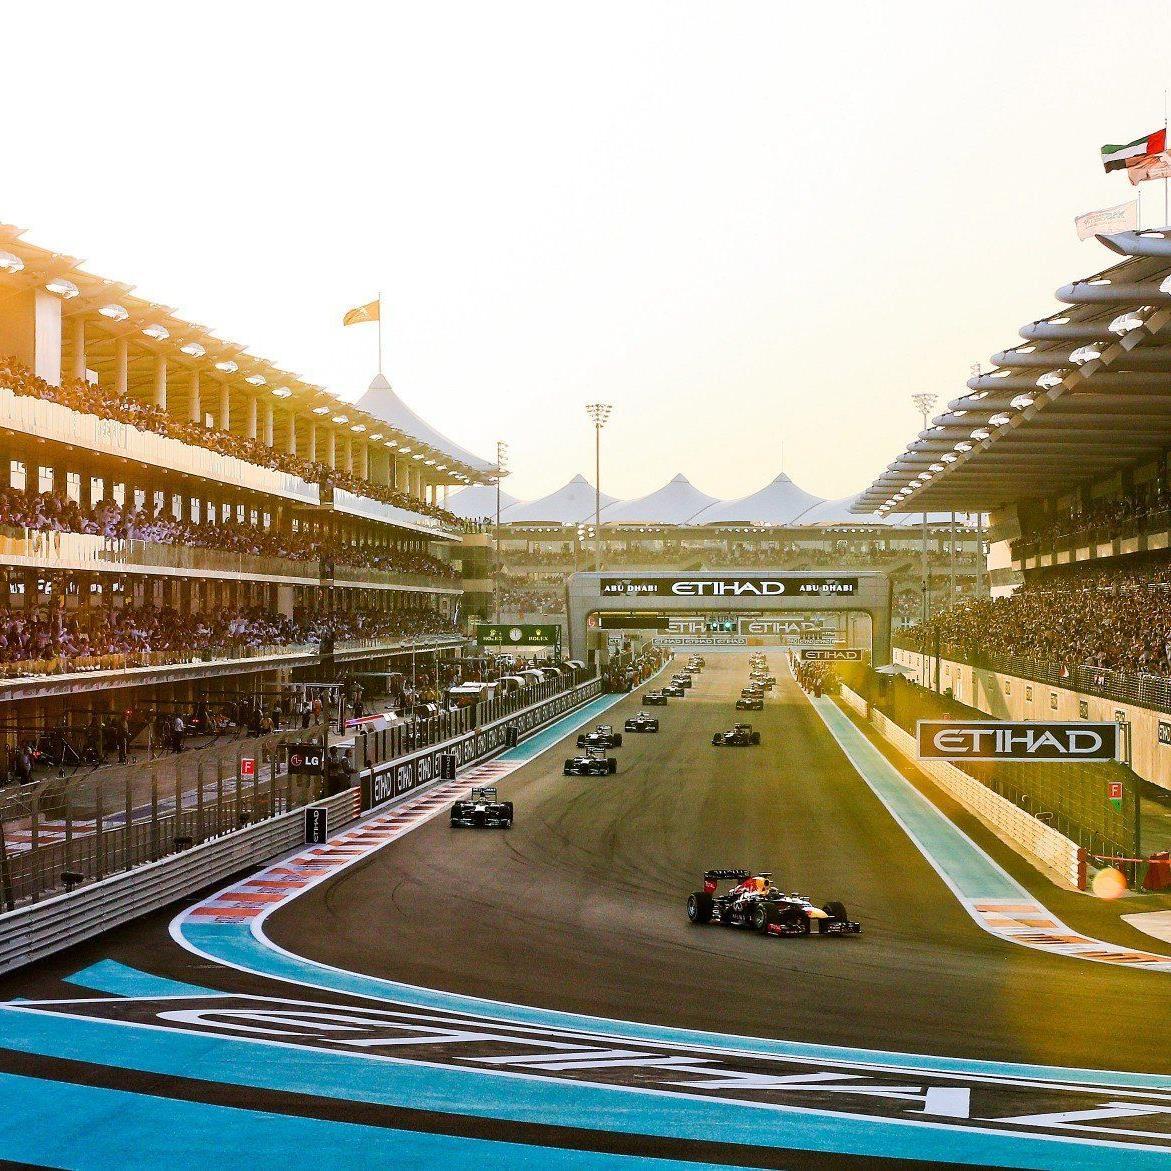 Den Rekord endgültig brechen könnte Vettel beim vorletzten Saisonrennen am 17. November in Austin/USA.